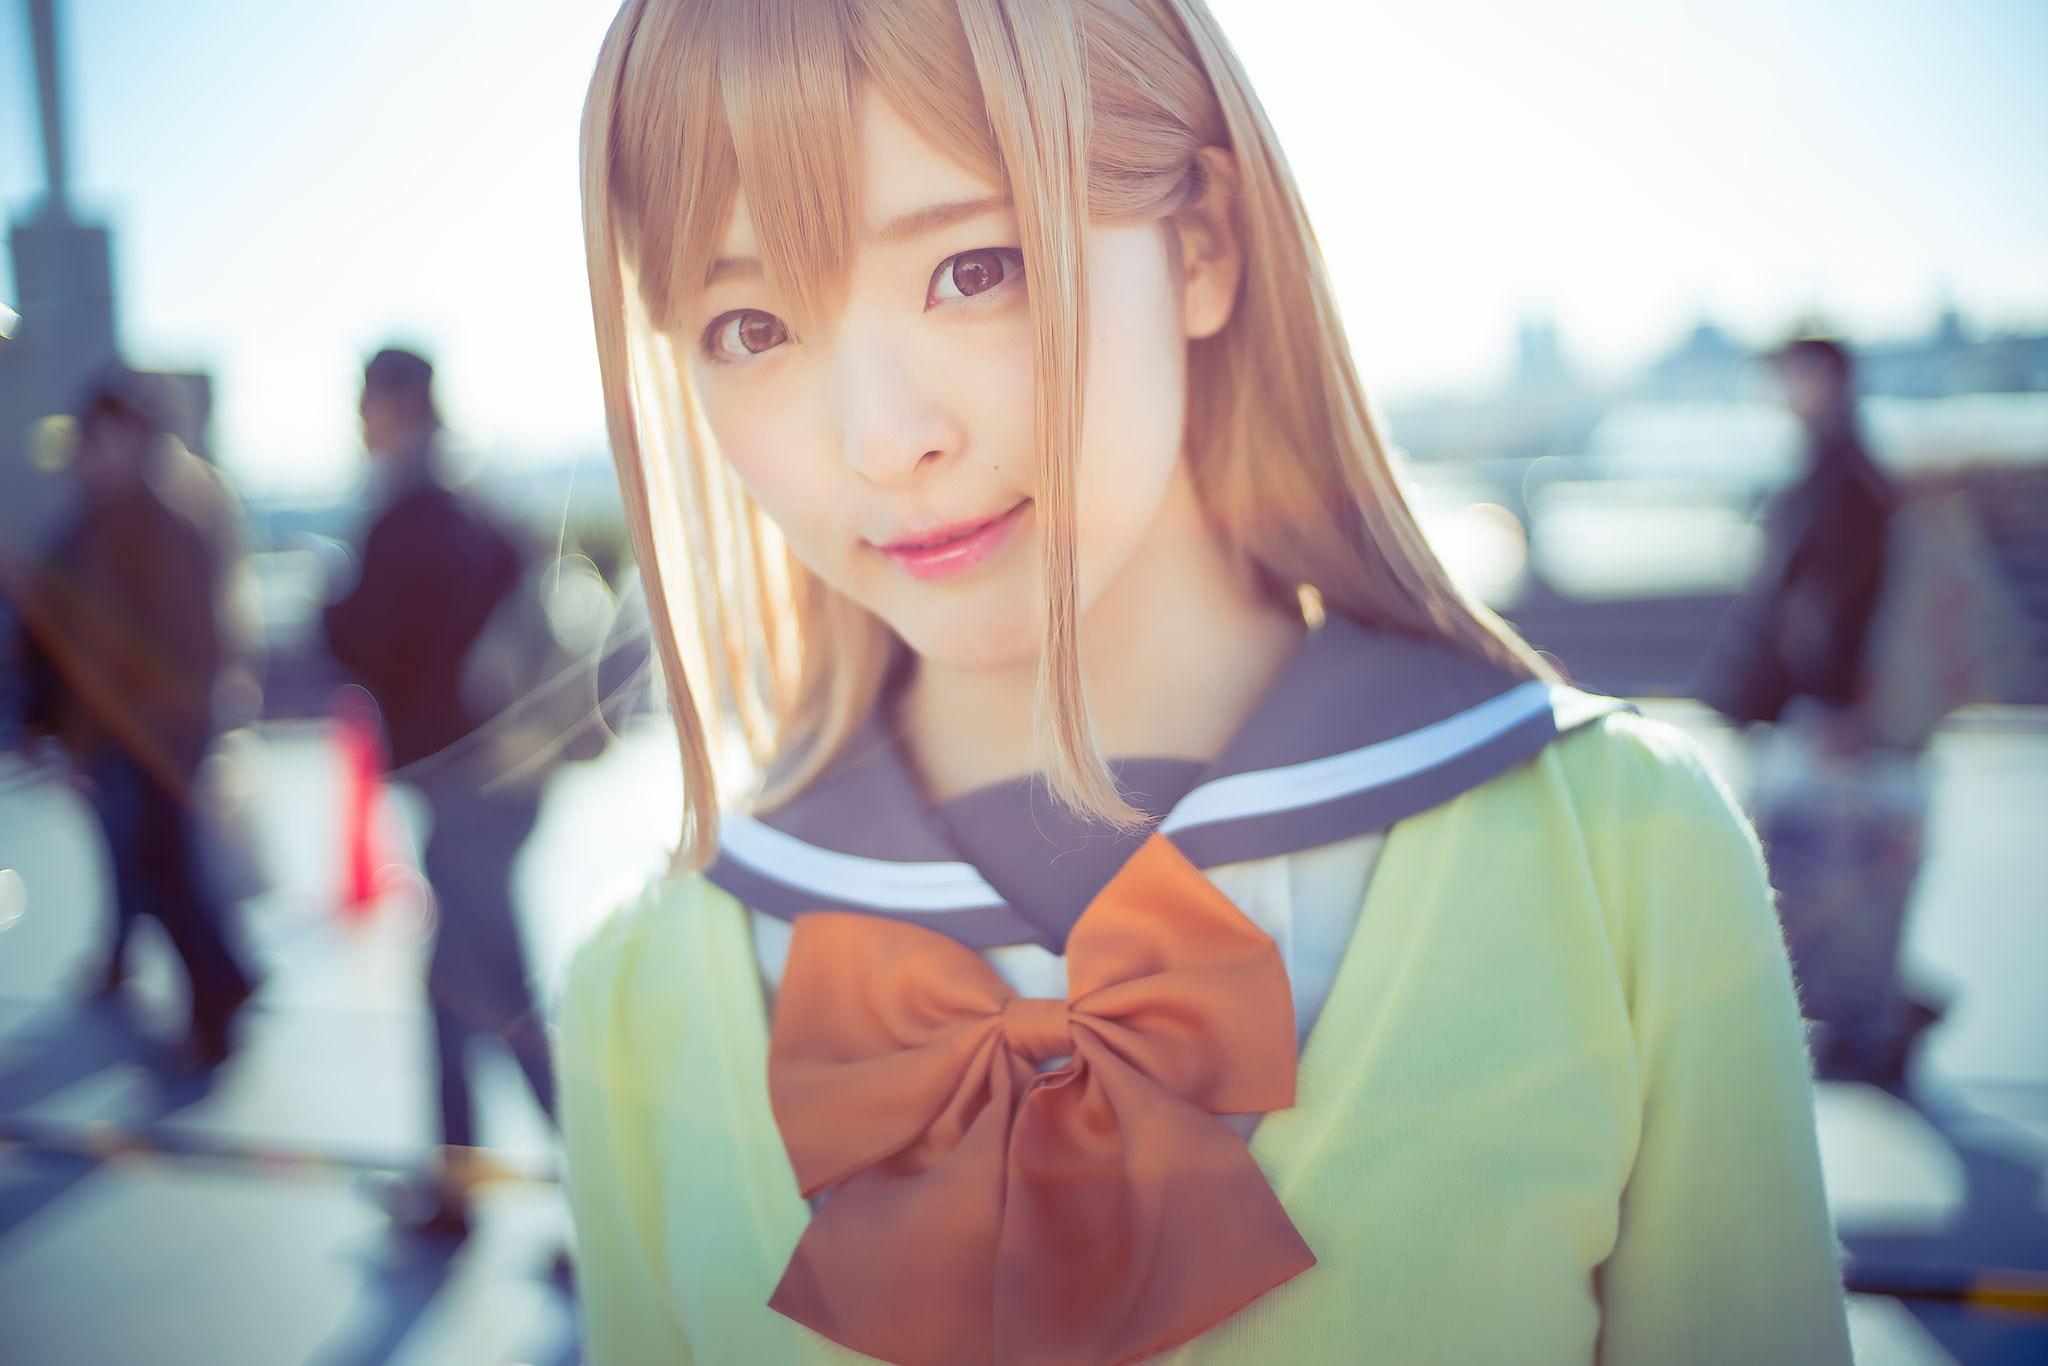 【兔玩映画】阳光与少女 兔玩映画 第14张